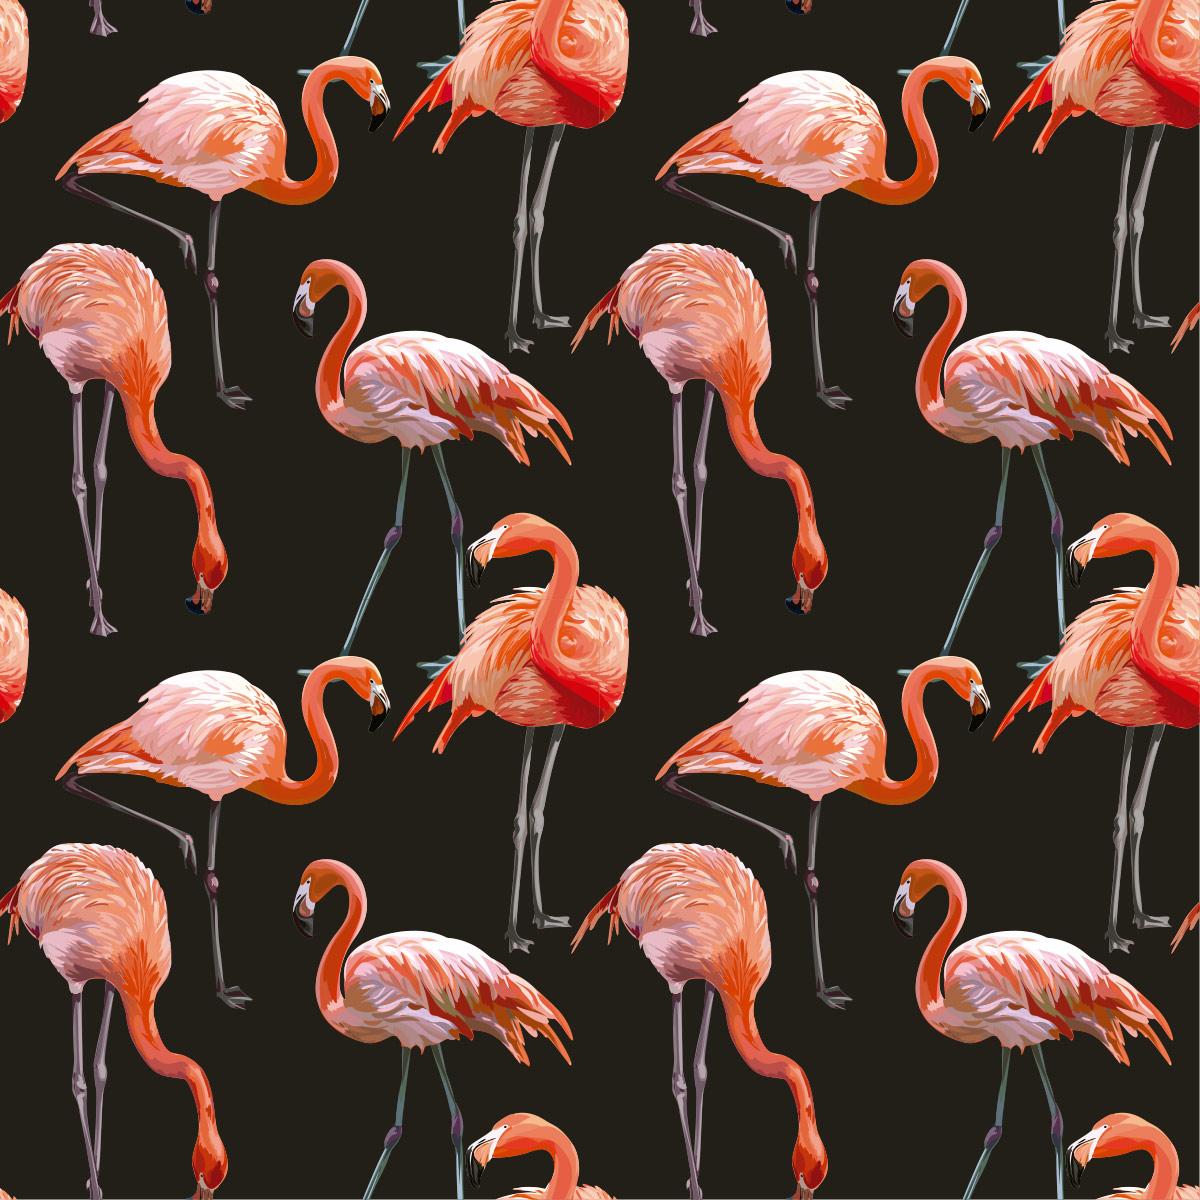 Papel de Parede Flamingos 3D Luxuria Adesivo